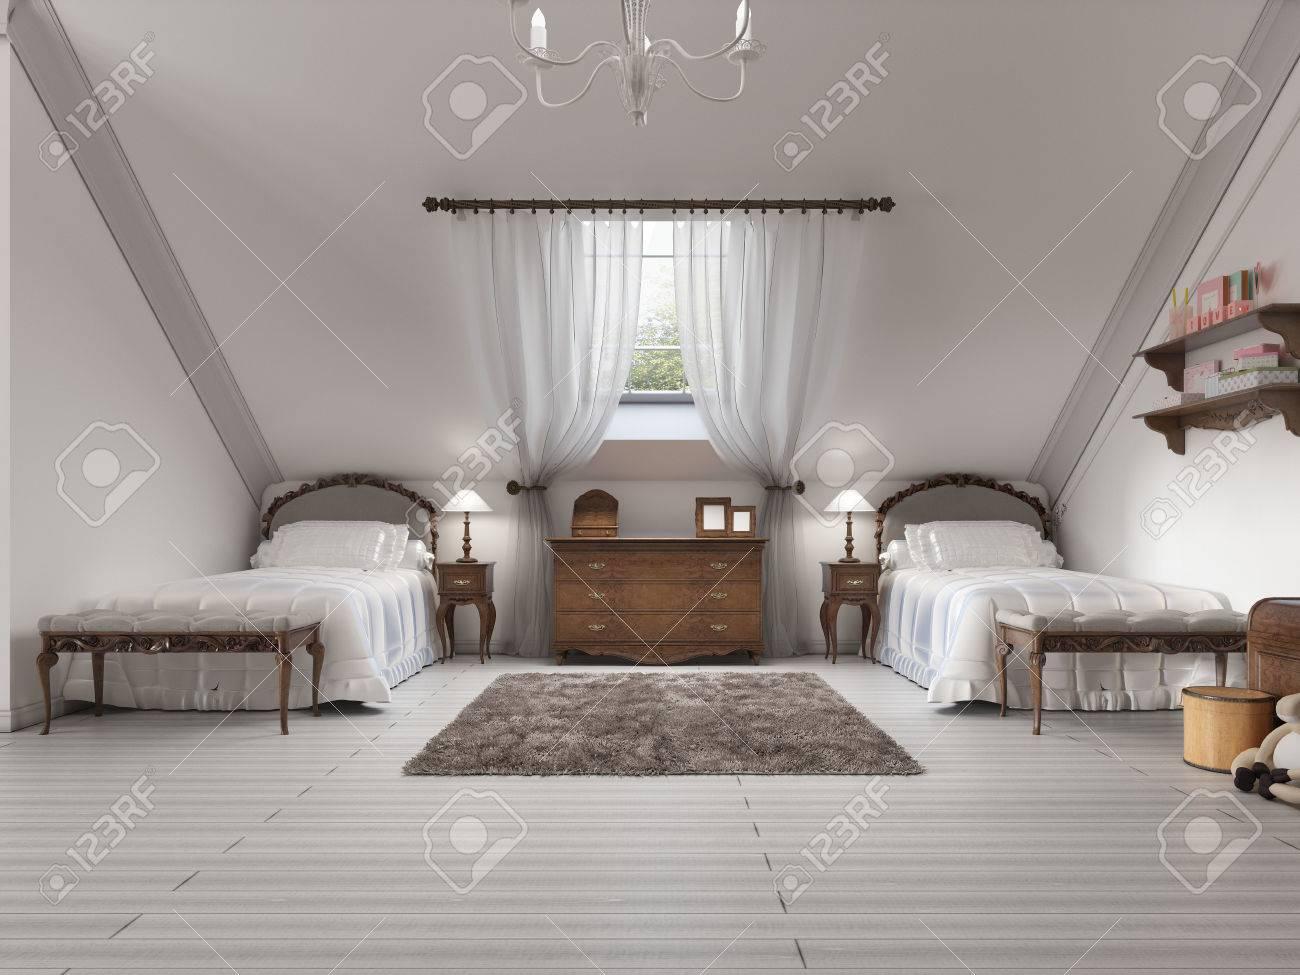 Full Size of Luxus Mit Zwei Betten Und Ein Dachfenster Holz Braun Xxl Mannheim Möbel Boss Weiße Regale Bock Jensen Münster Stauraum Rauch Günstig Kaufen Küche 140x200 Bett Weiße Betten